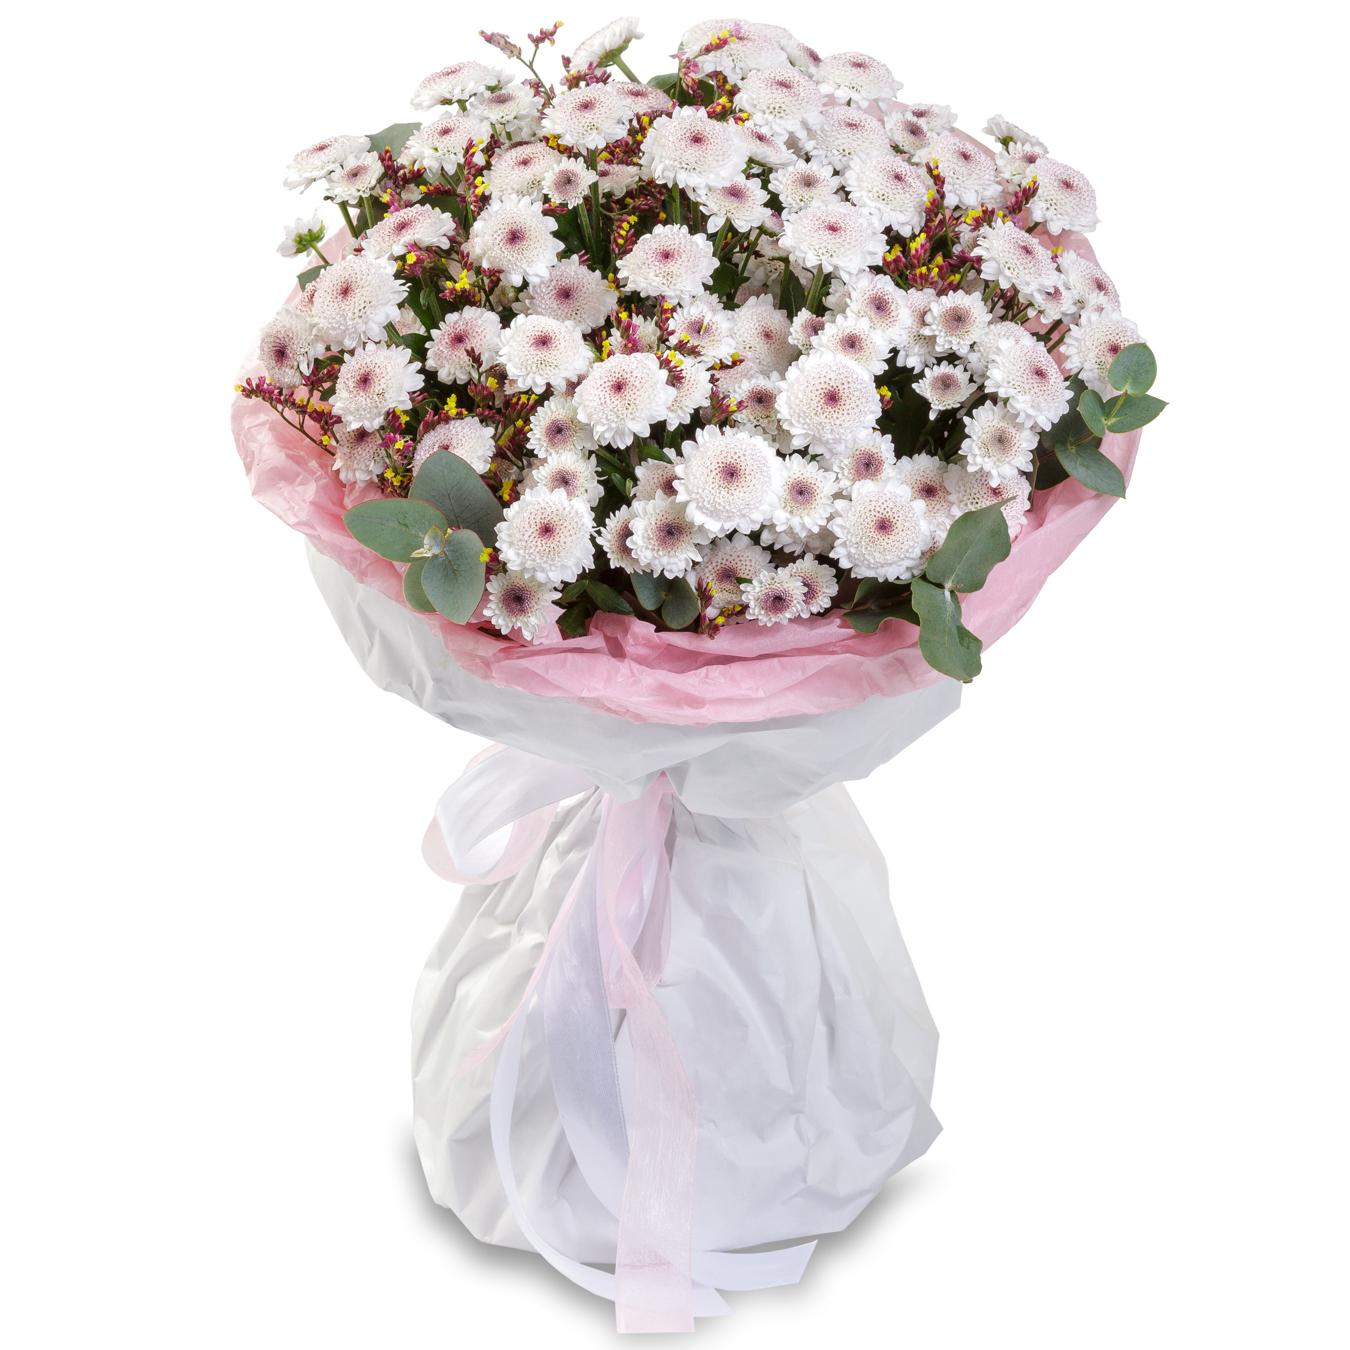 Авторский букет цветов ГрасХризантемы<br><br>Ингредиенты: Лимониум 2 шт, Хризантема сантини 11 шт, Эвкалипт, Крафт 1 шт;